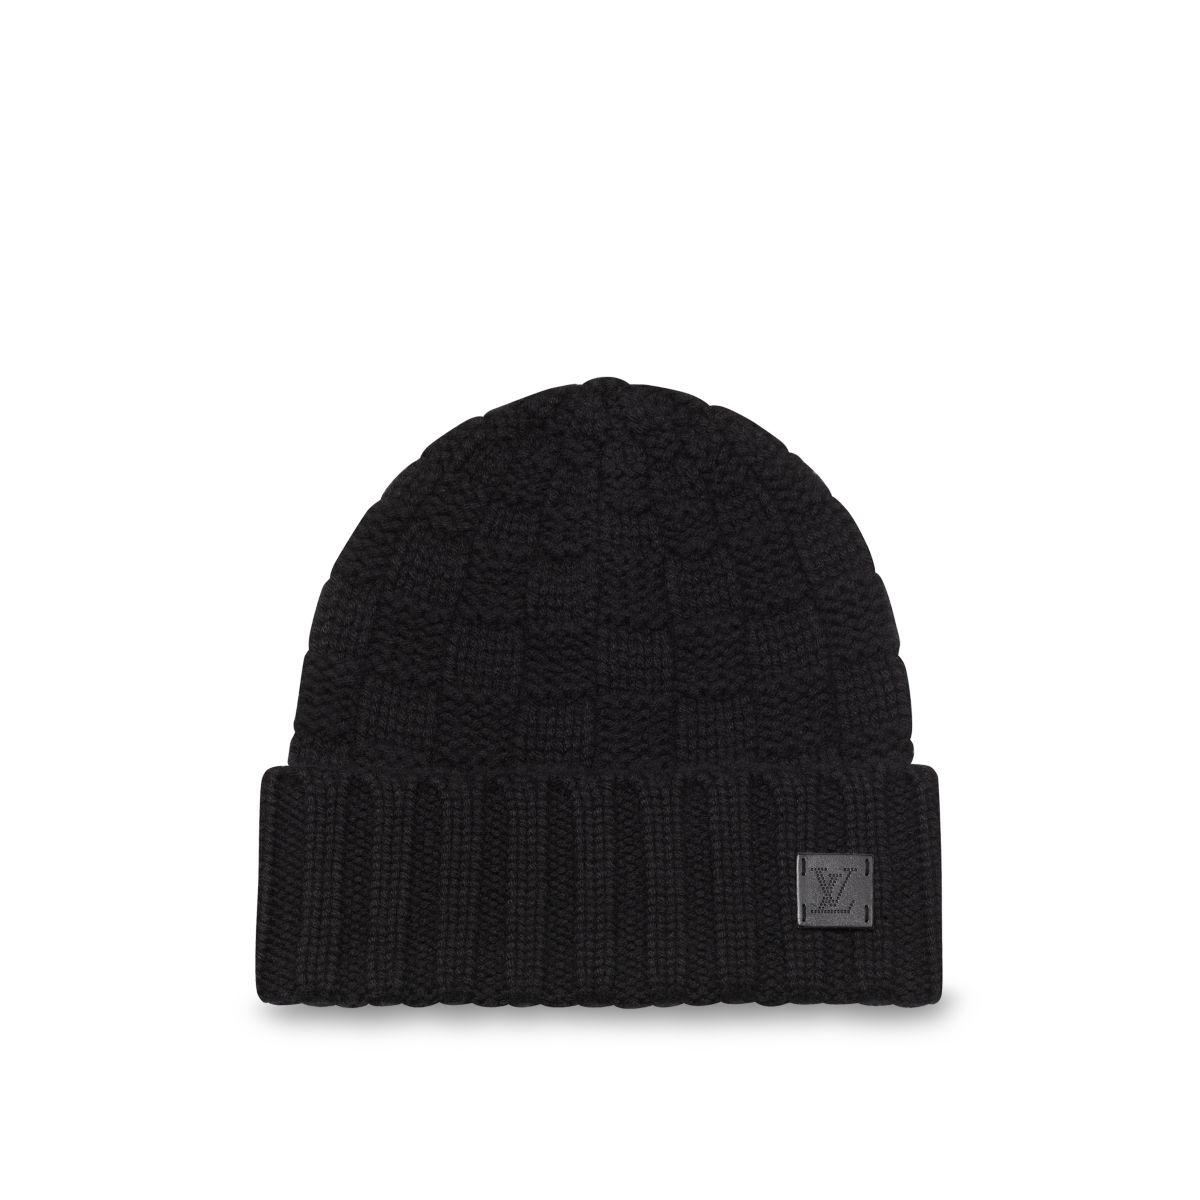 Louis Vuitton Helsinki Hat In Black For Men Lyst